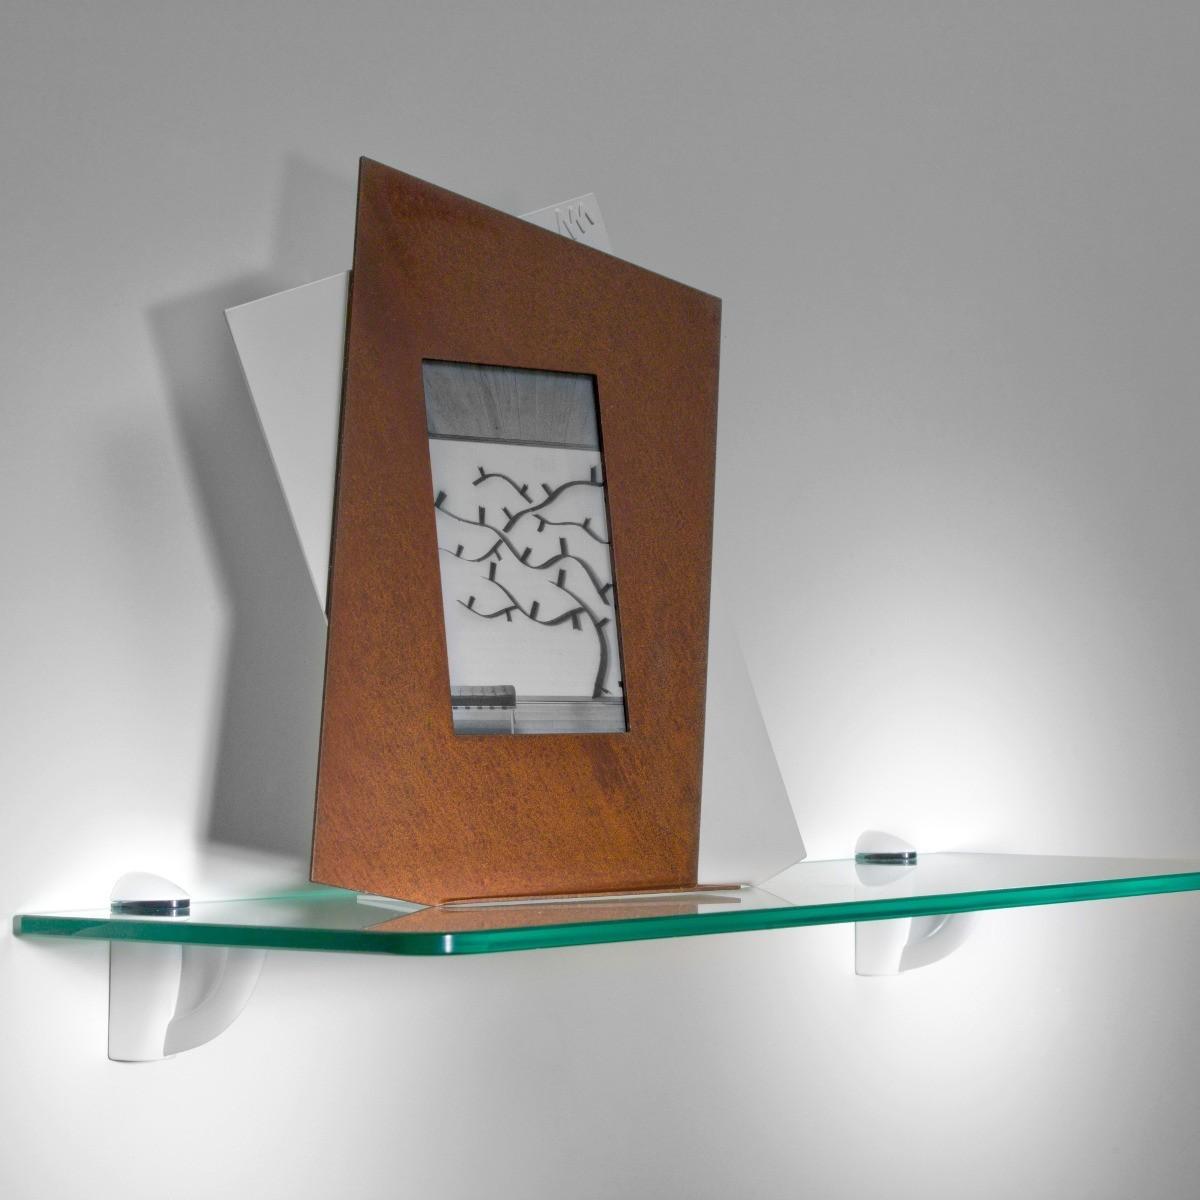 Linea set di 5 mensole in vetro trasparente 60 cm bolis italia - Mensole angolari bagno ...